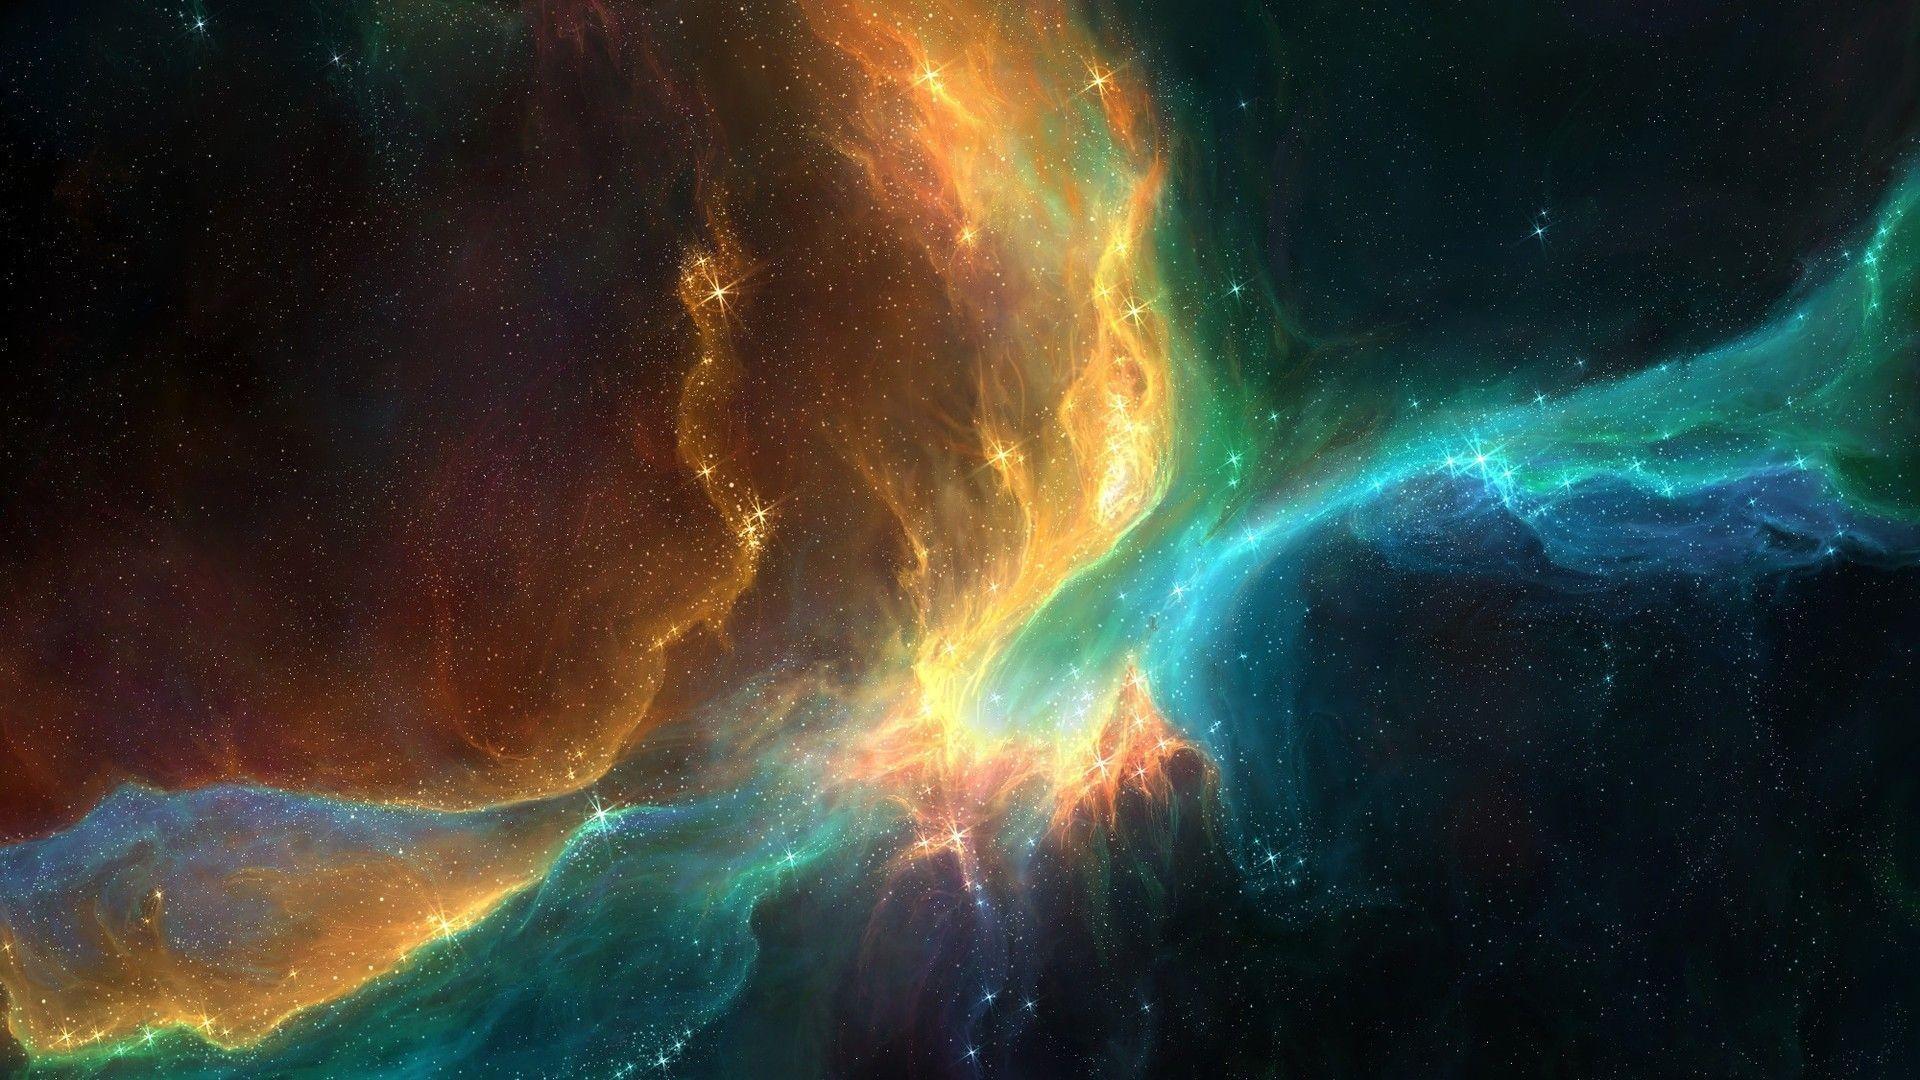 Colors blue orange black stars dust space – Wicked Wallpaper – FREE HD  wallpapers   HD Space Wallpapers   Pinterest   Hd space